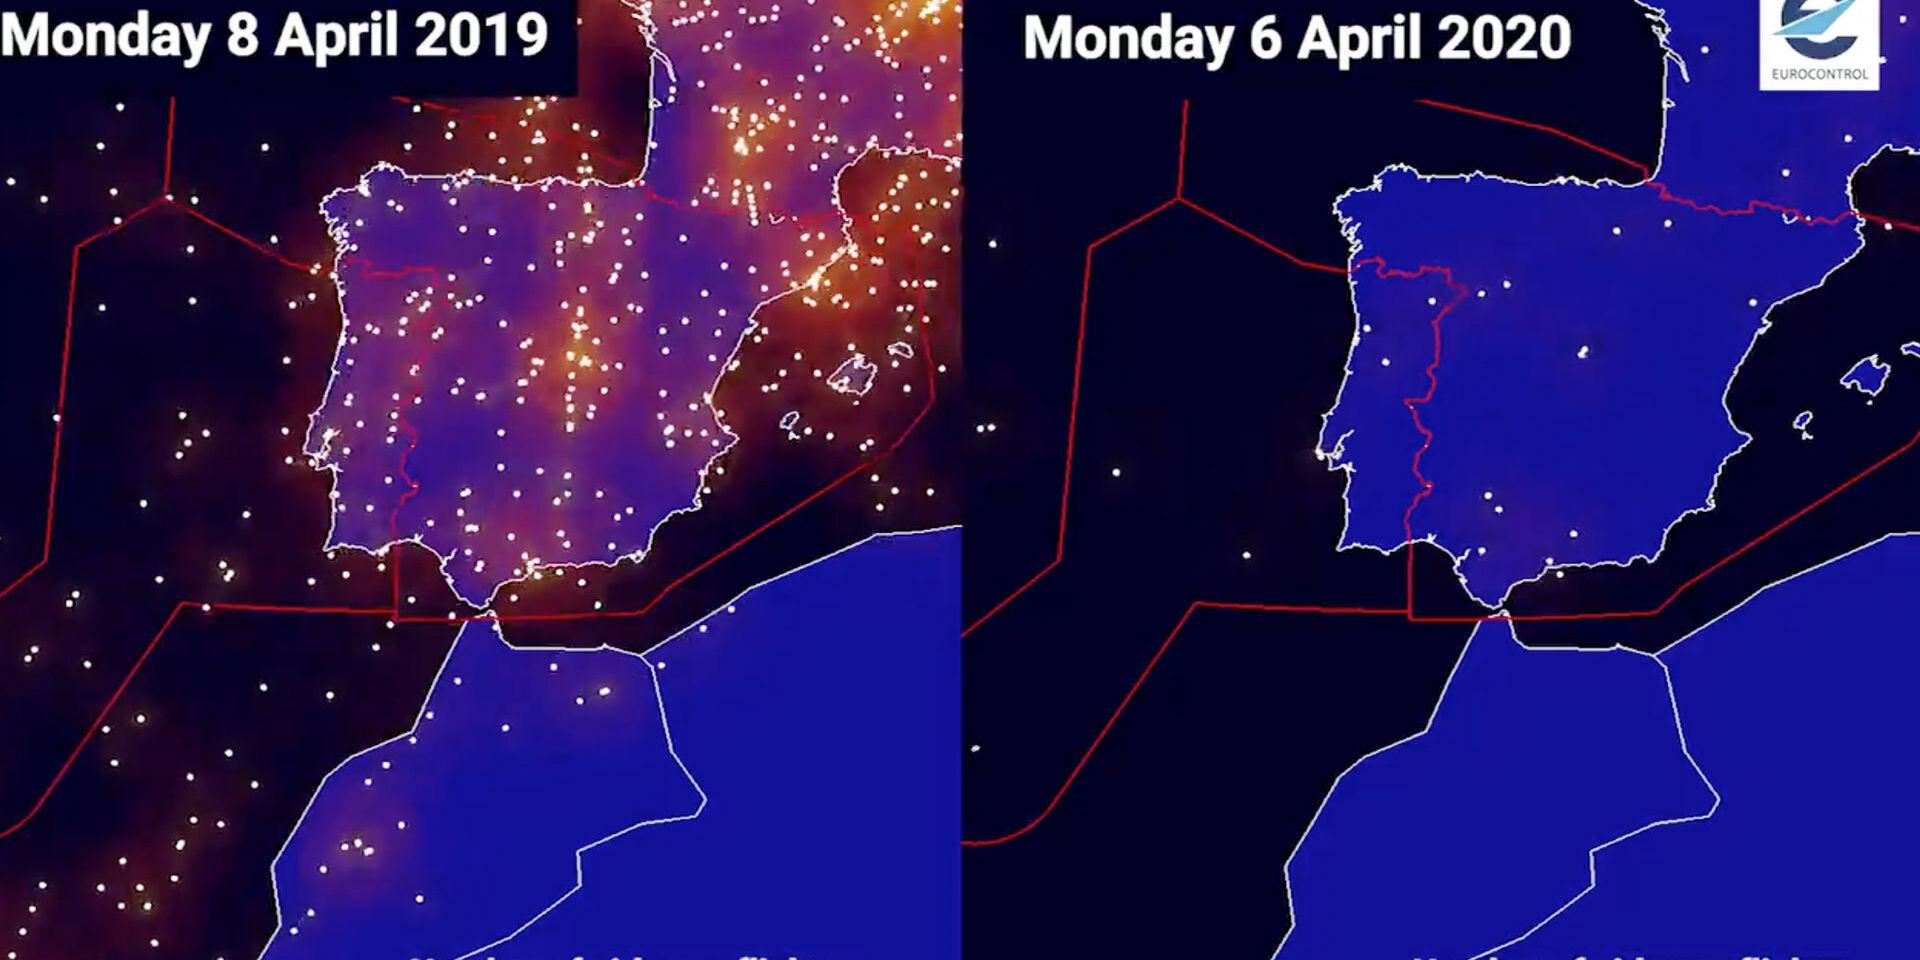 Mapa Vuelos En Directo.Espana Sin Aviones Los Graficos Que Muestran La Reduccion Del Trafico Aereo Por El Coronavirus Libre Mercado